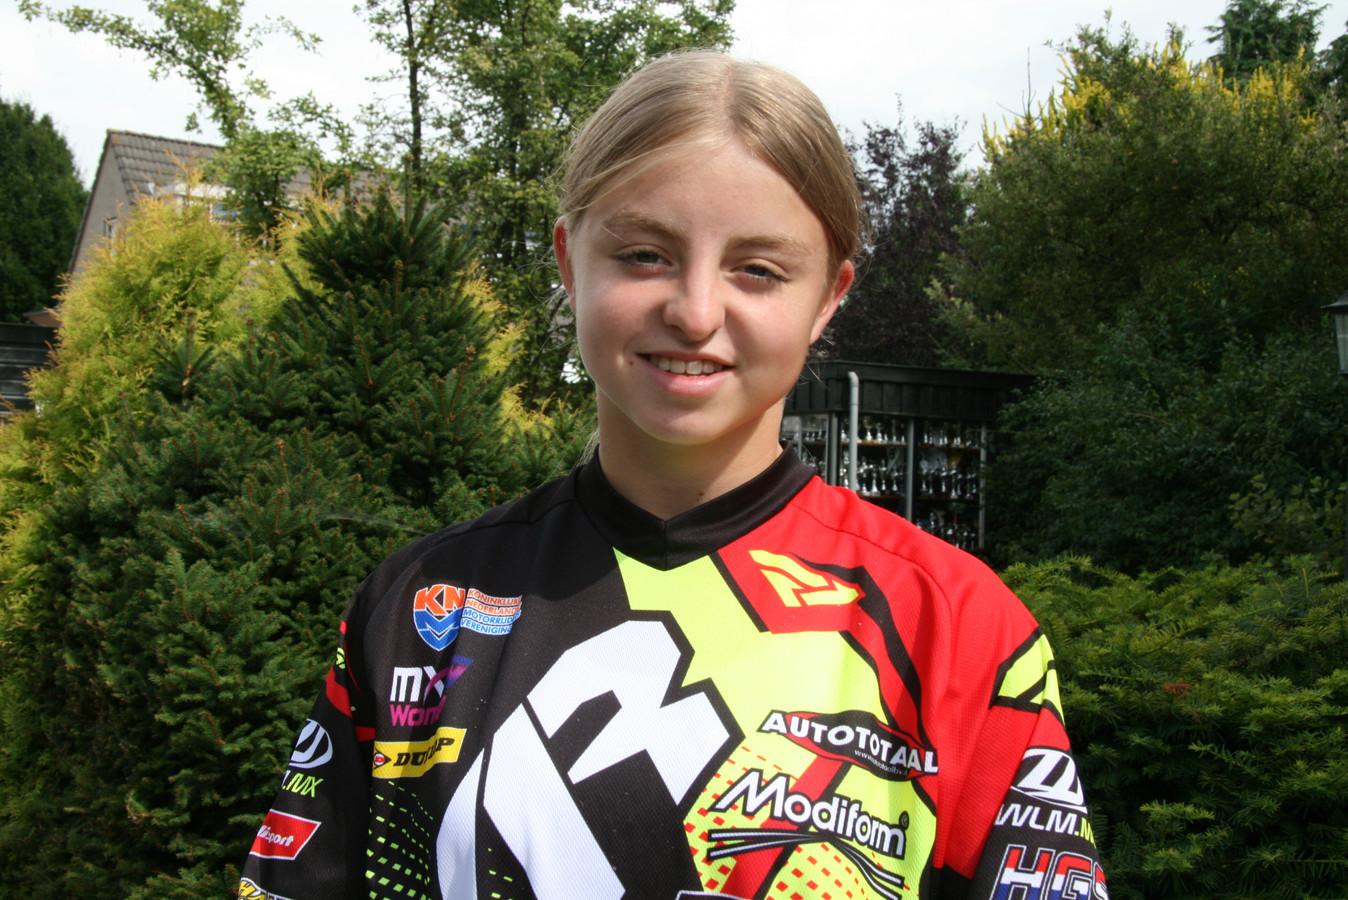 Shana van der Vlist